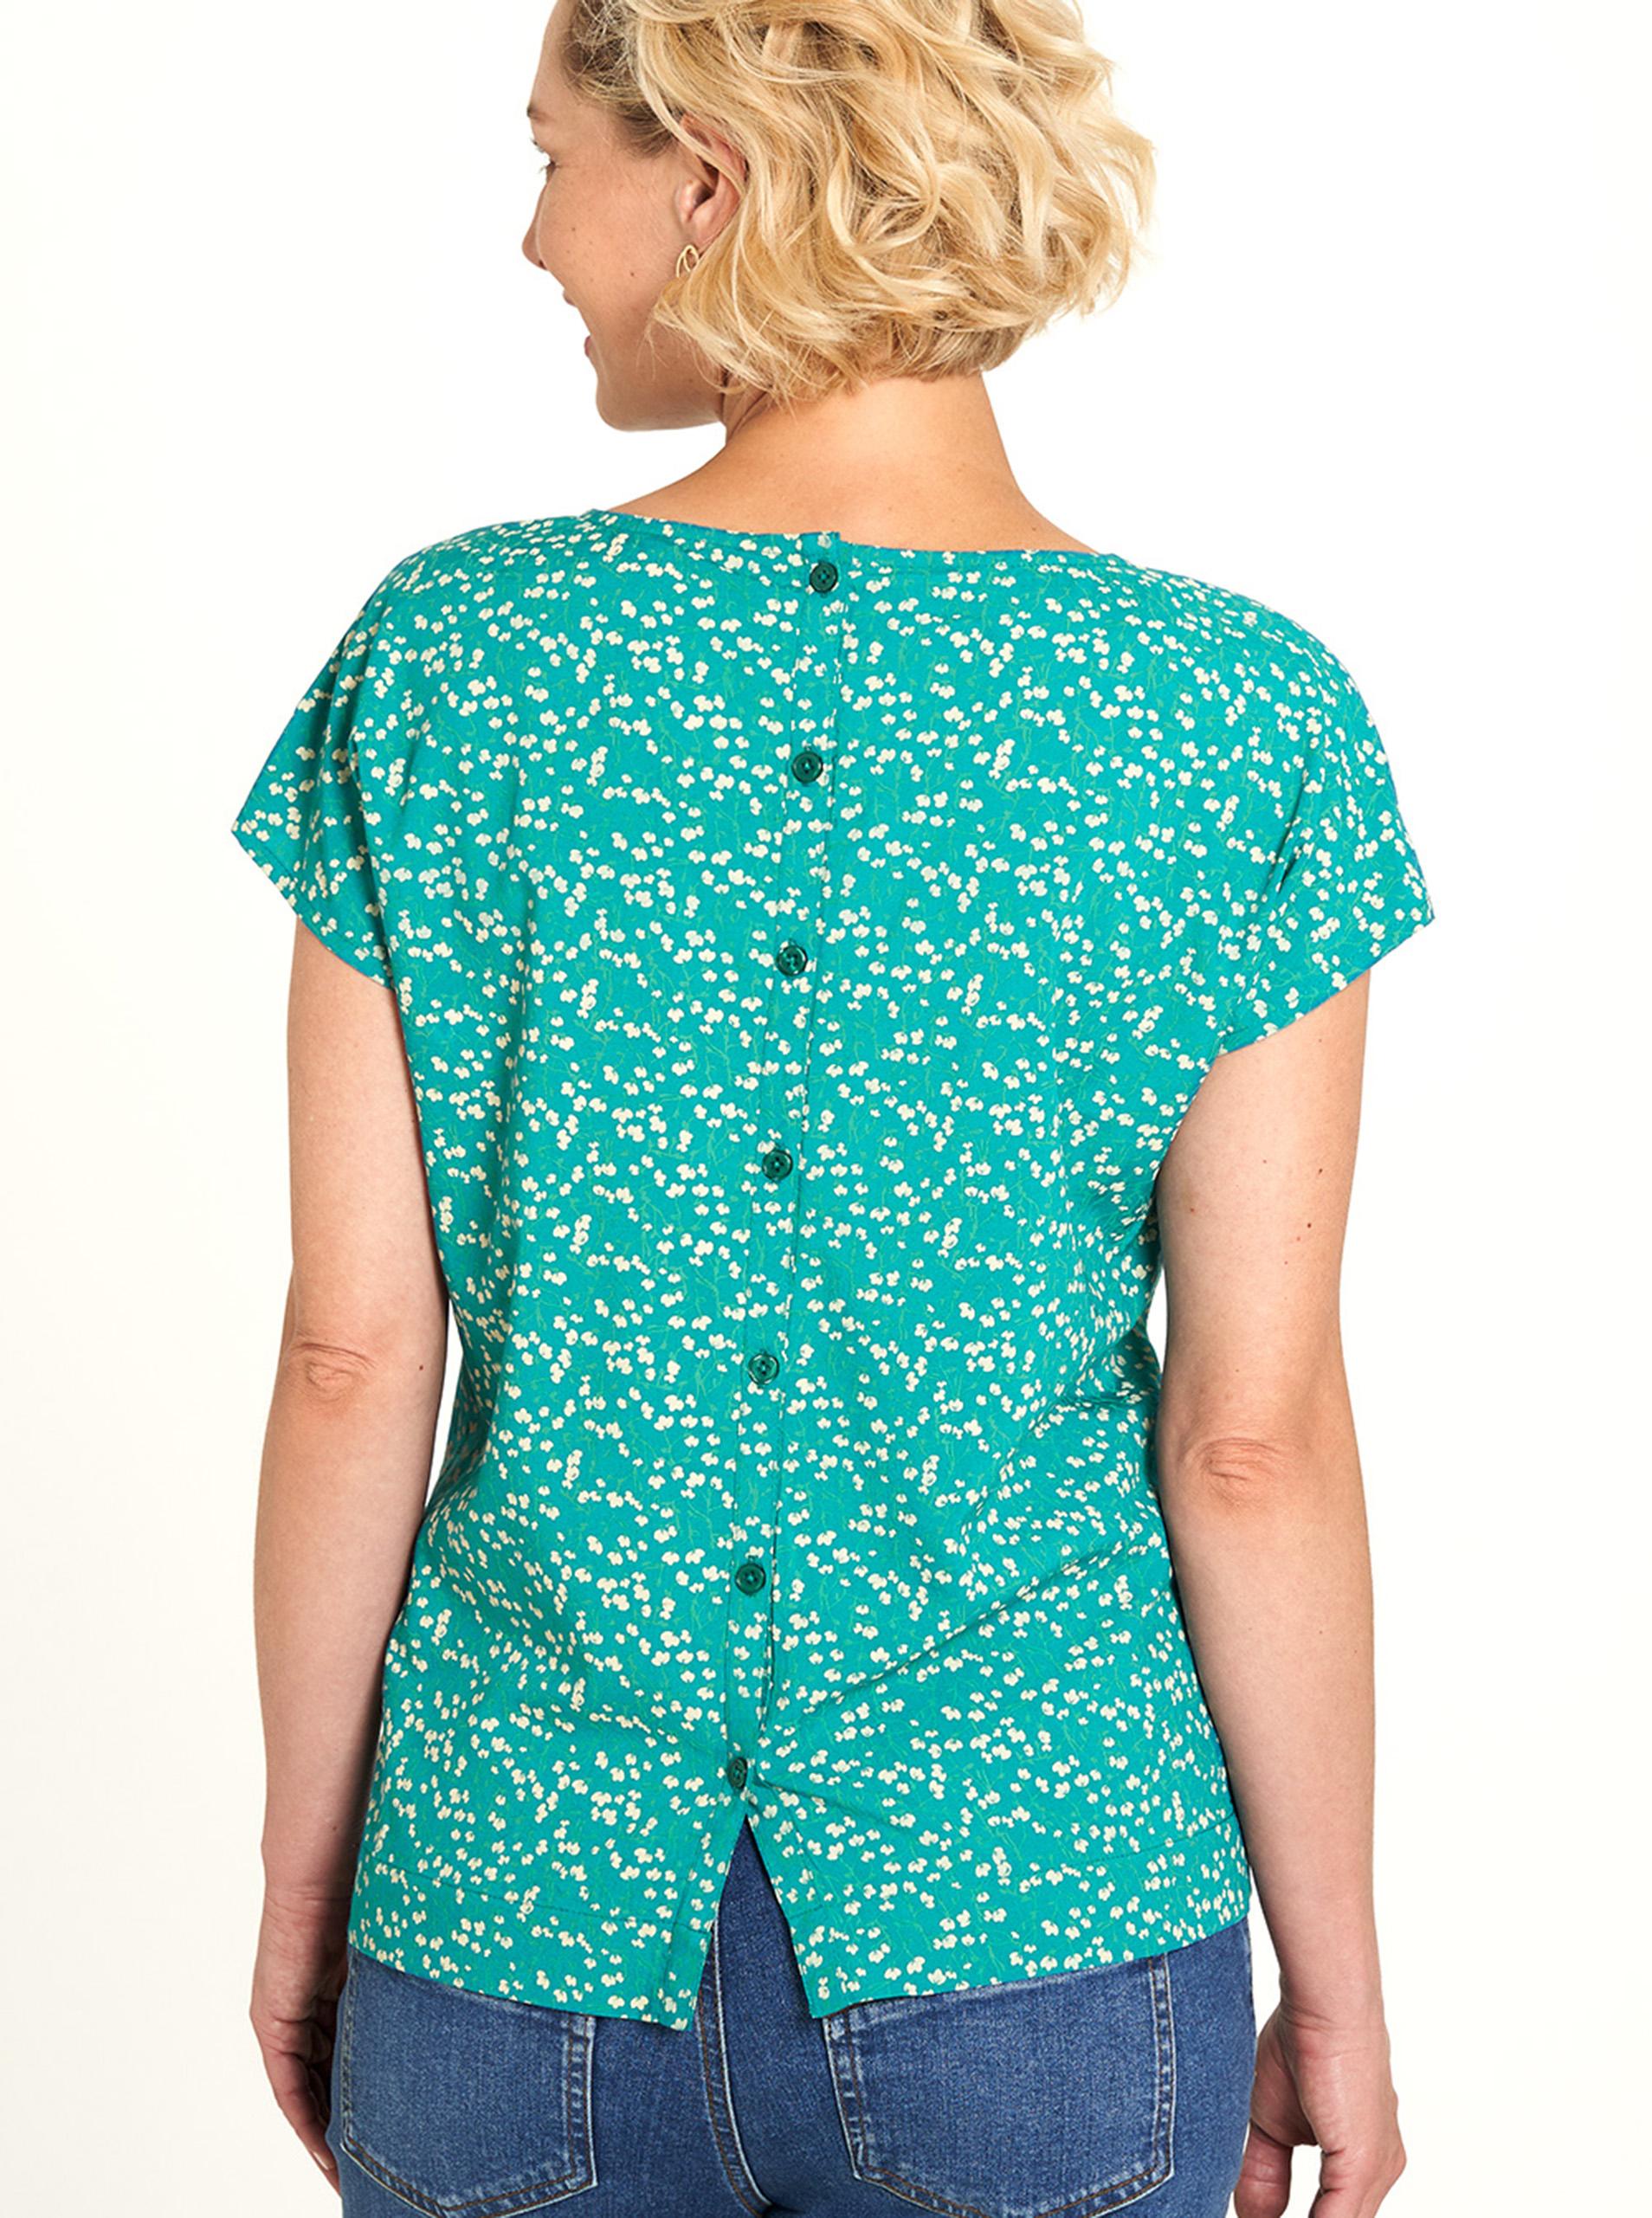 Tranquillo turkusowy koszulka z motywem kwiecistym